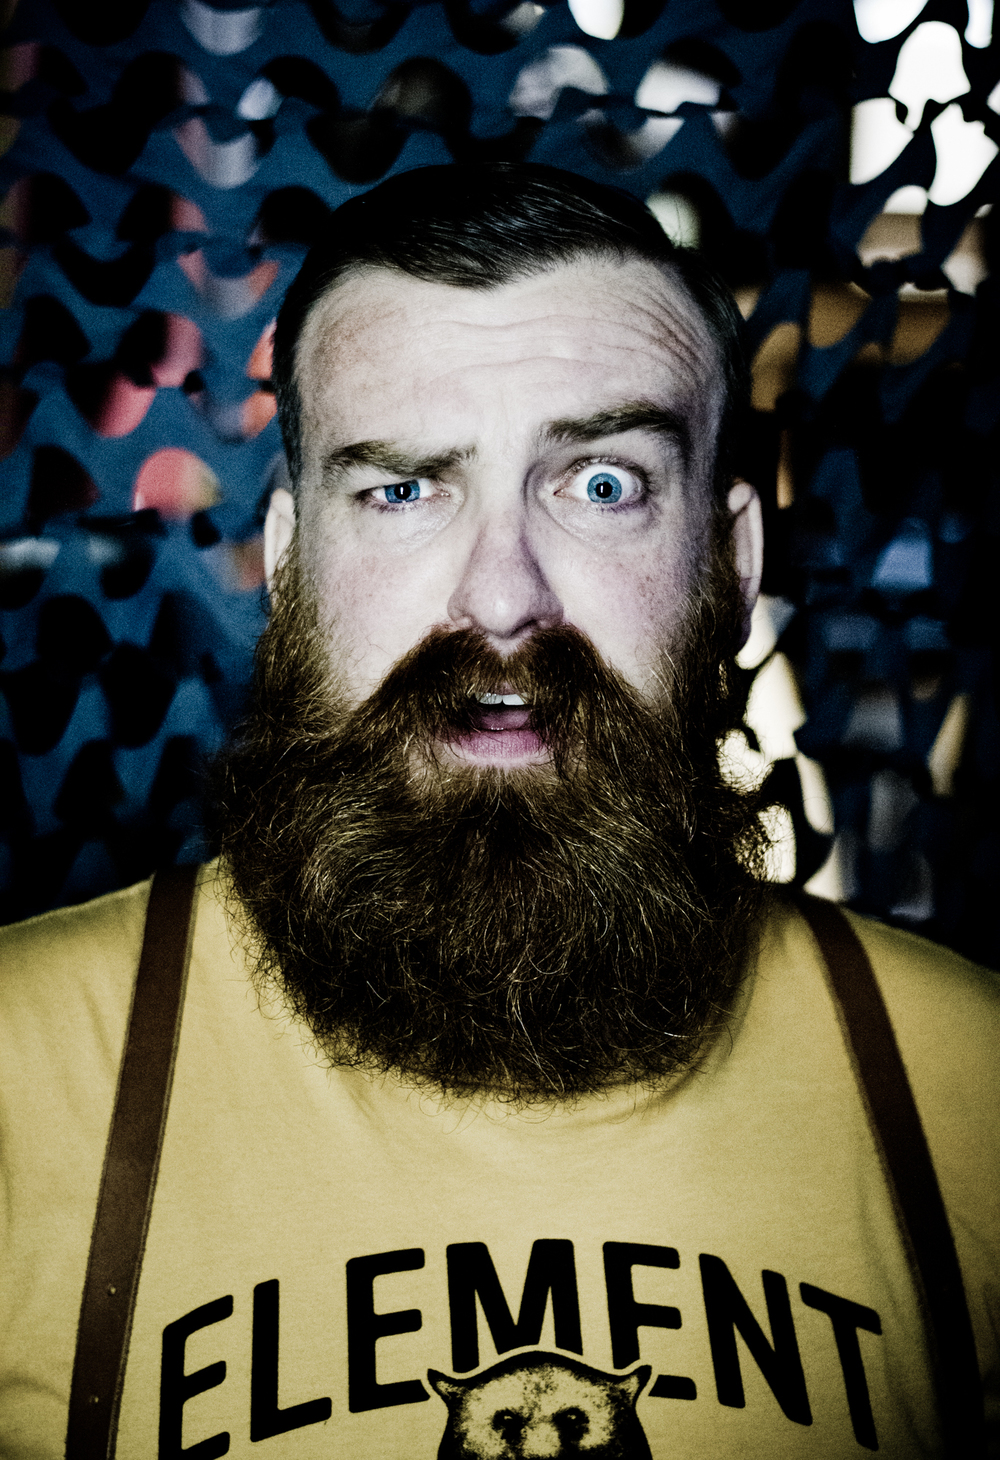 Mr Australia Bear competition for Star Observer